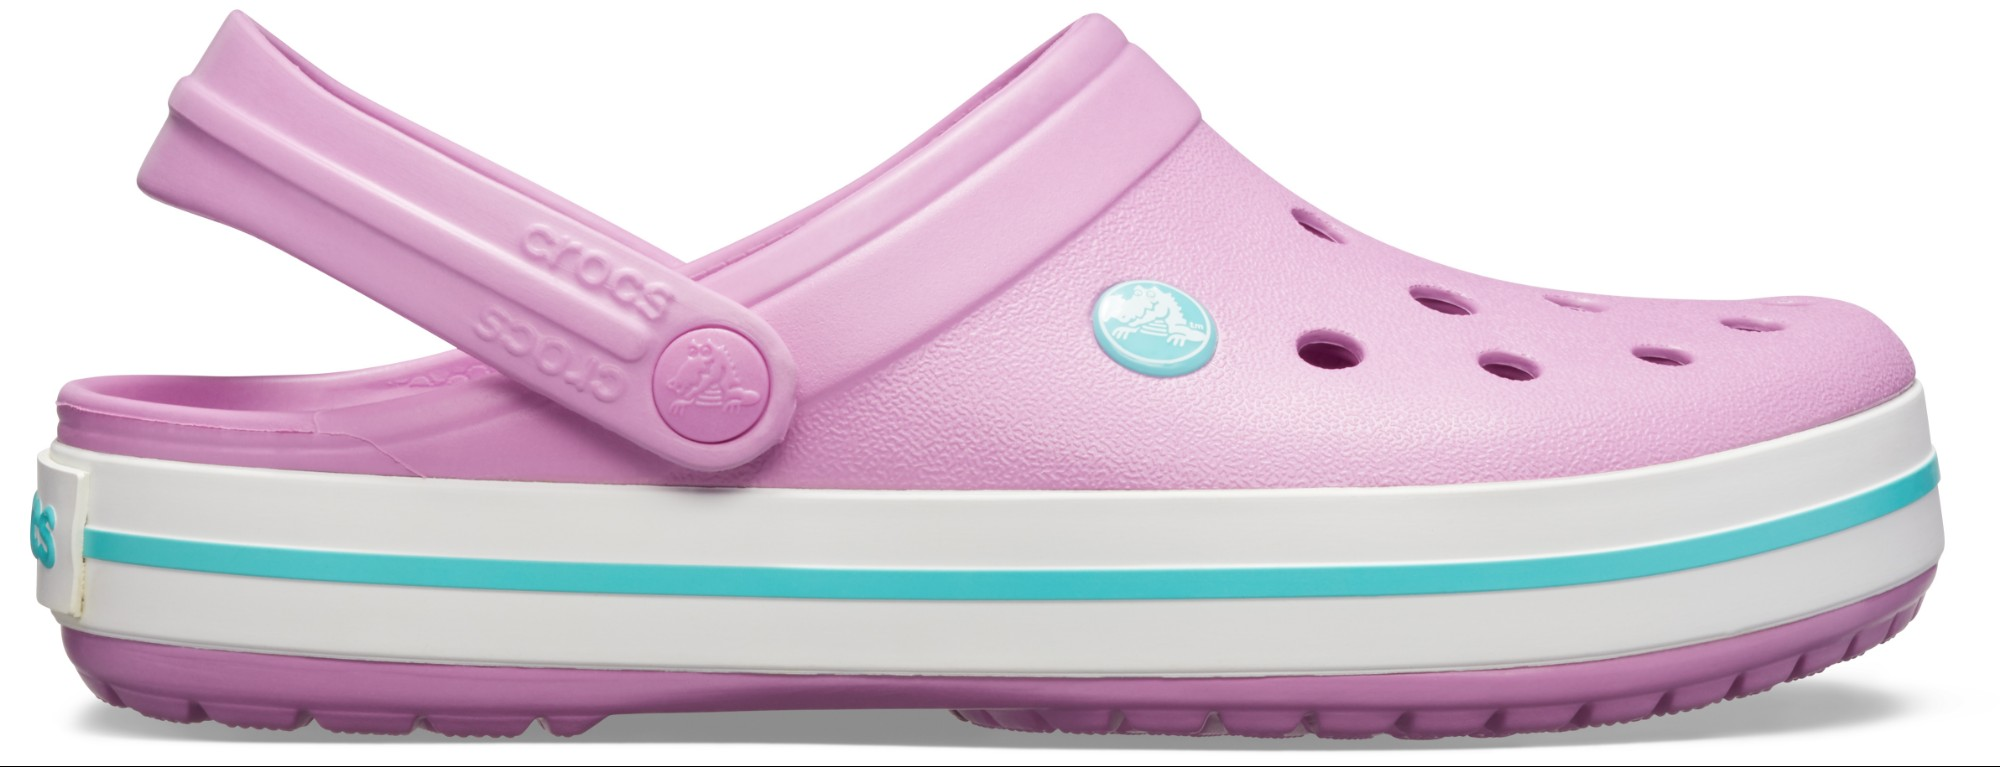 Crocs™ Crocband™ Violet/White 36,5